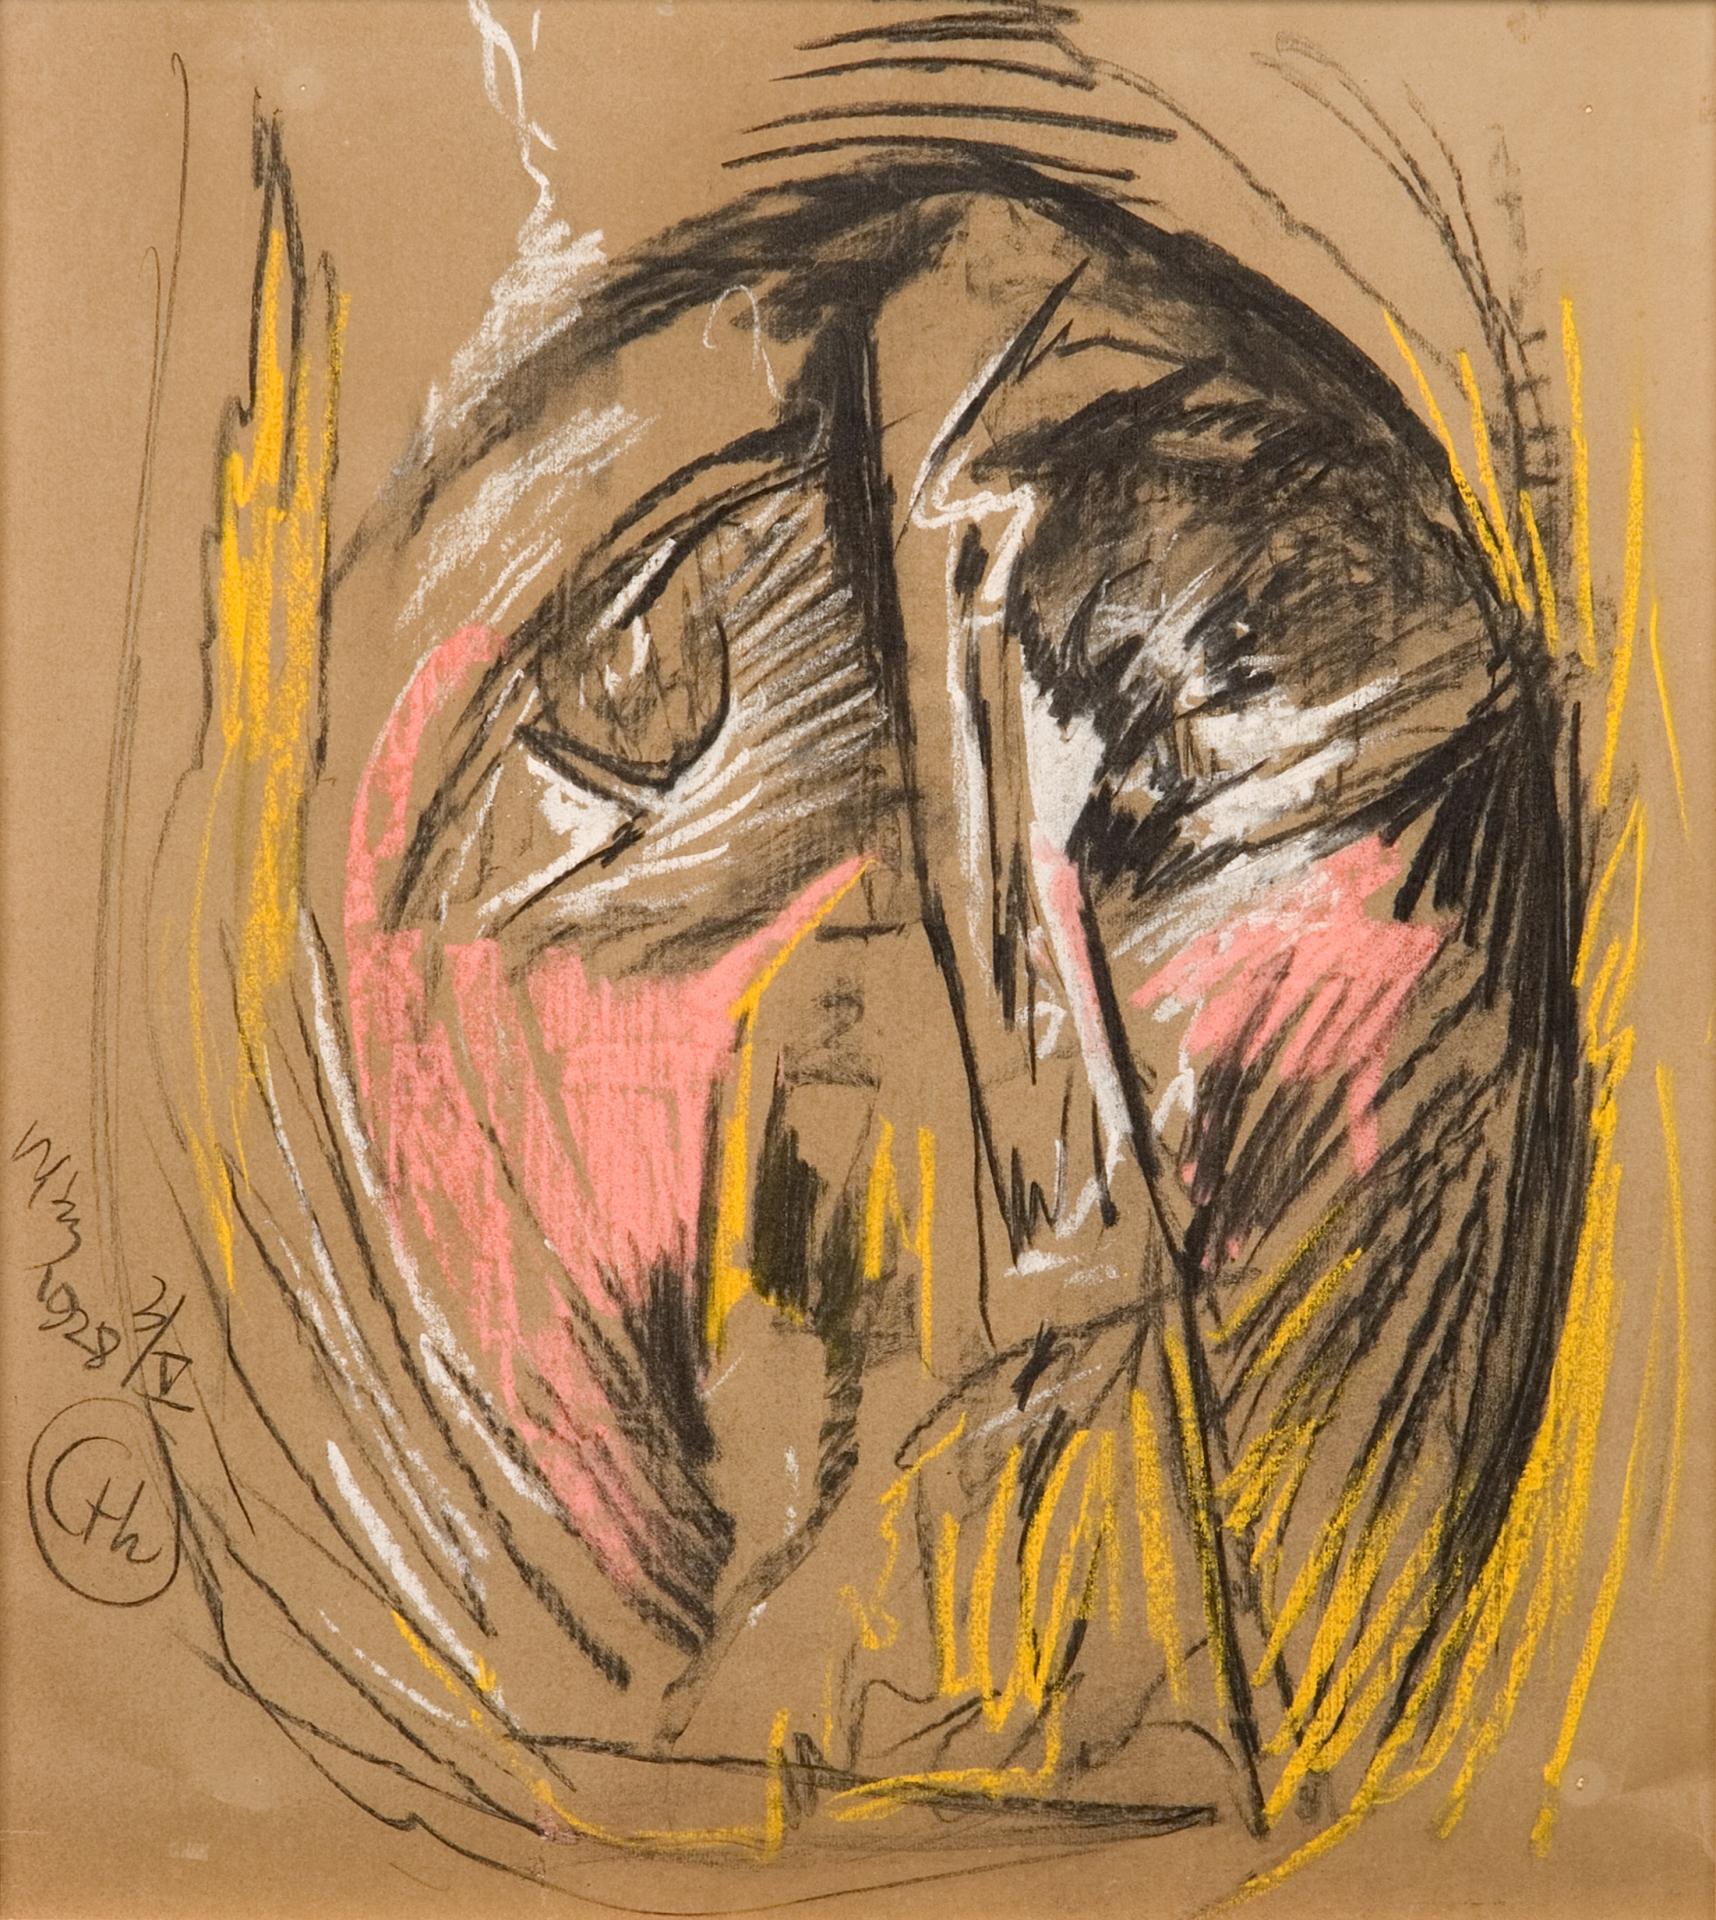 Stanisław Ignacy Witkiewicz, Portret nieokreślonej osoby, 1928